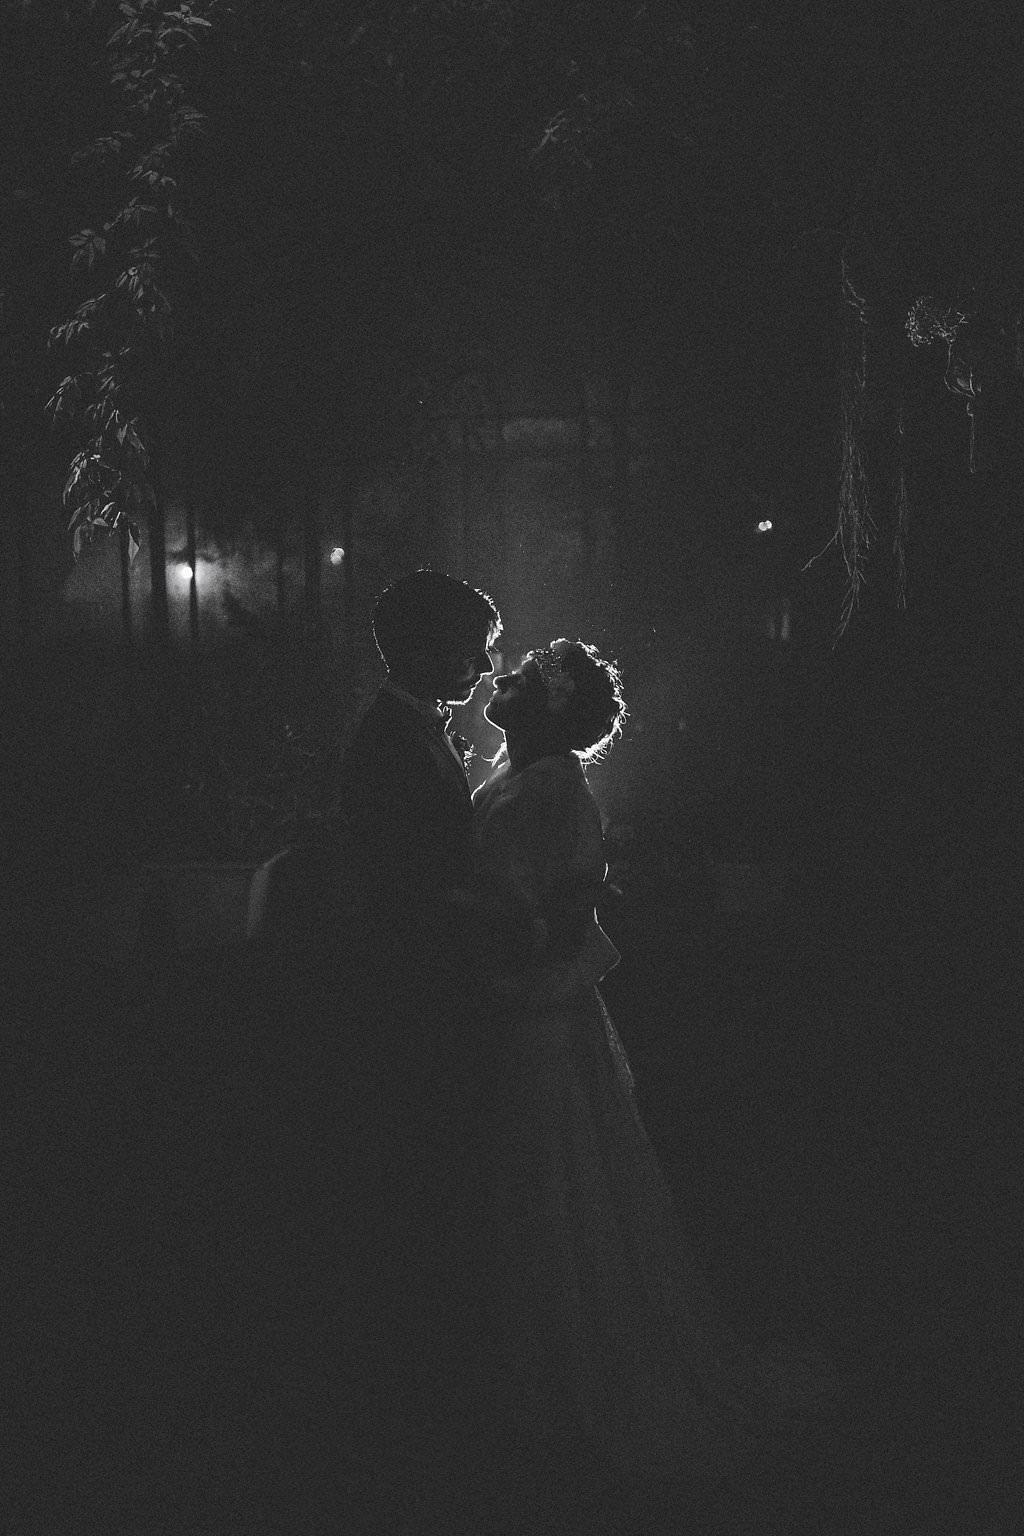 wedding-photographer-dordogne-photographe-mariage-Biarritz-bordeaux-france-steven-bassilieaux-photo-95.jpg